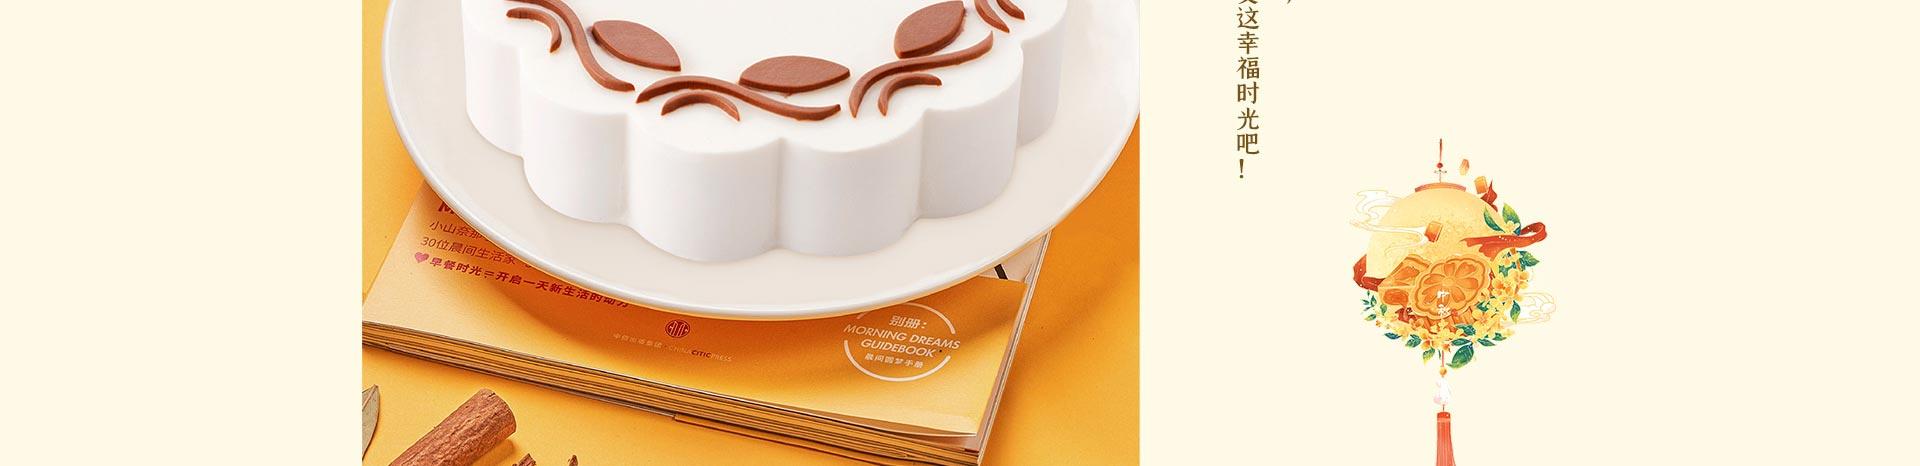 皓月|浓情凝聚蛋糕